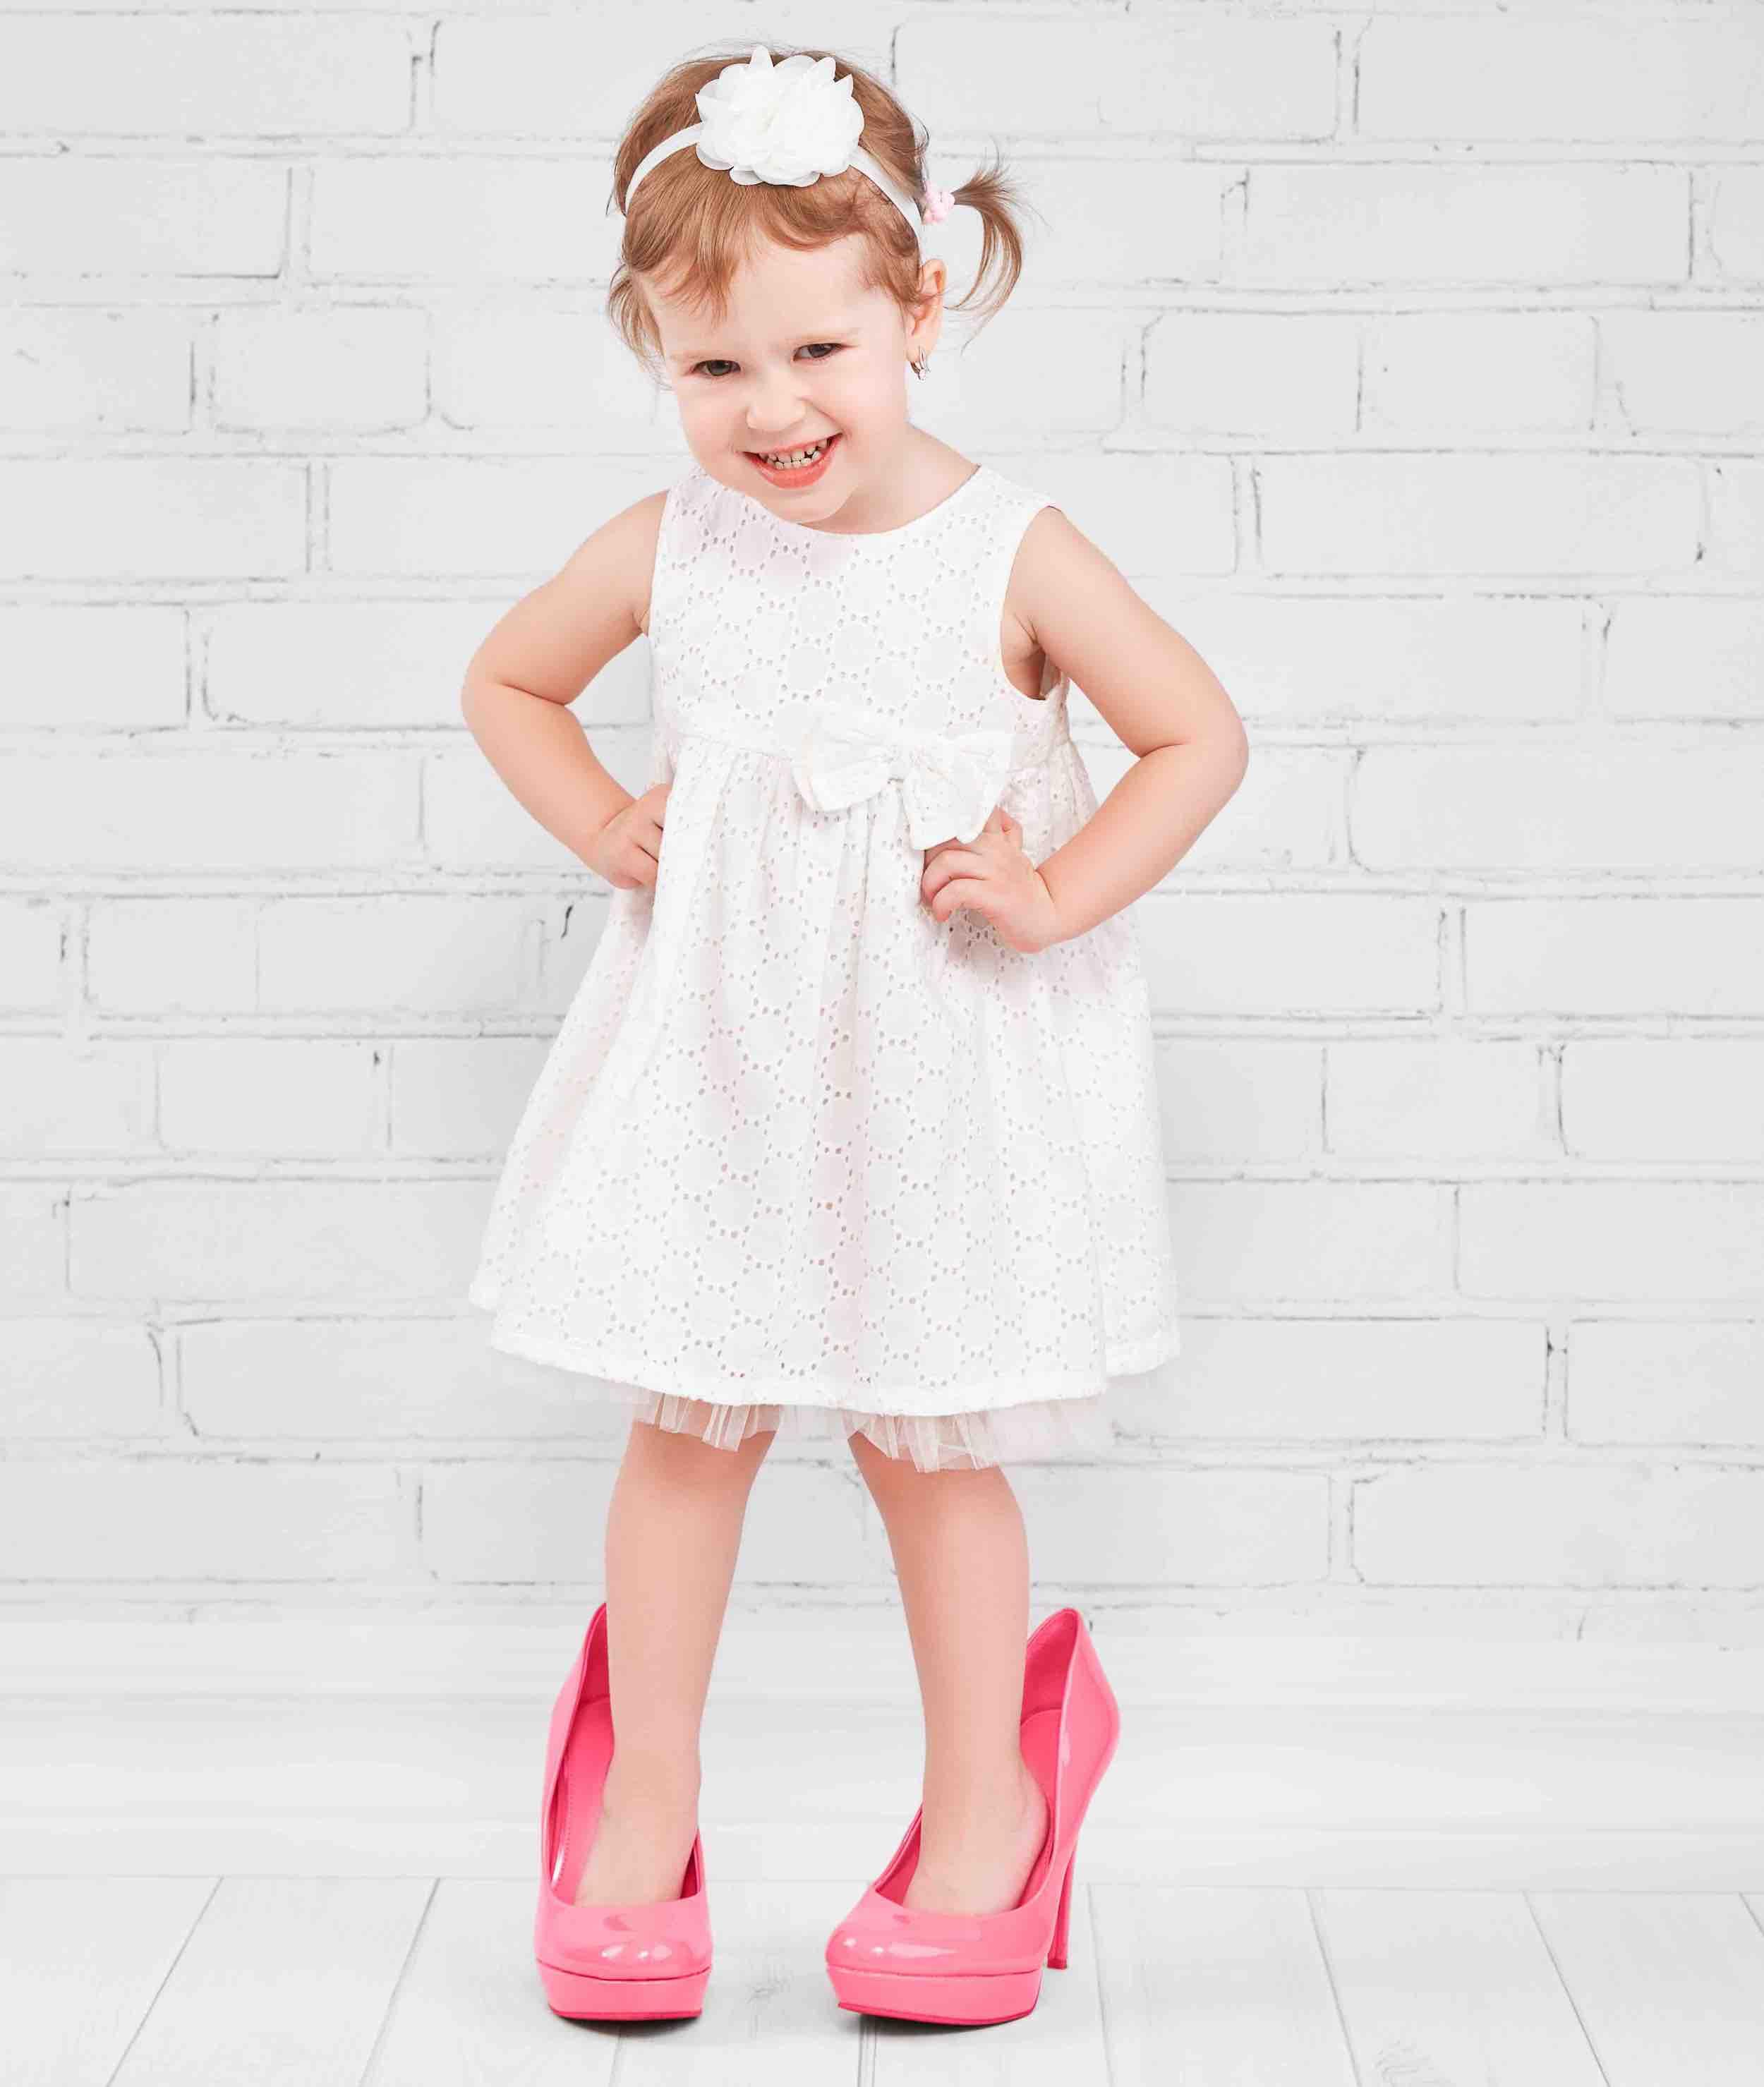 Caring for Children's Feet